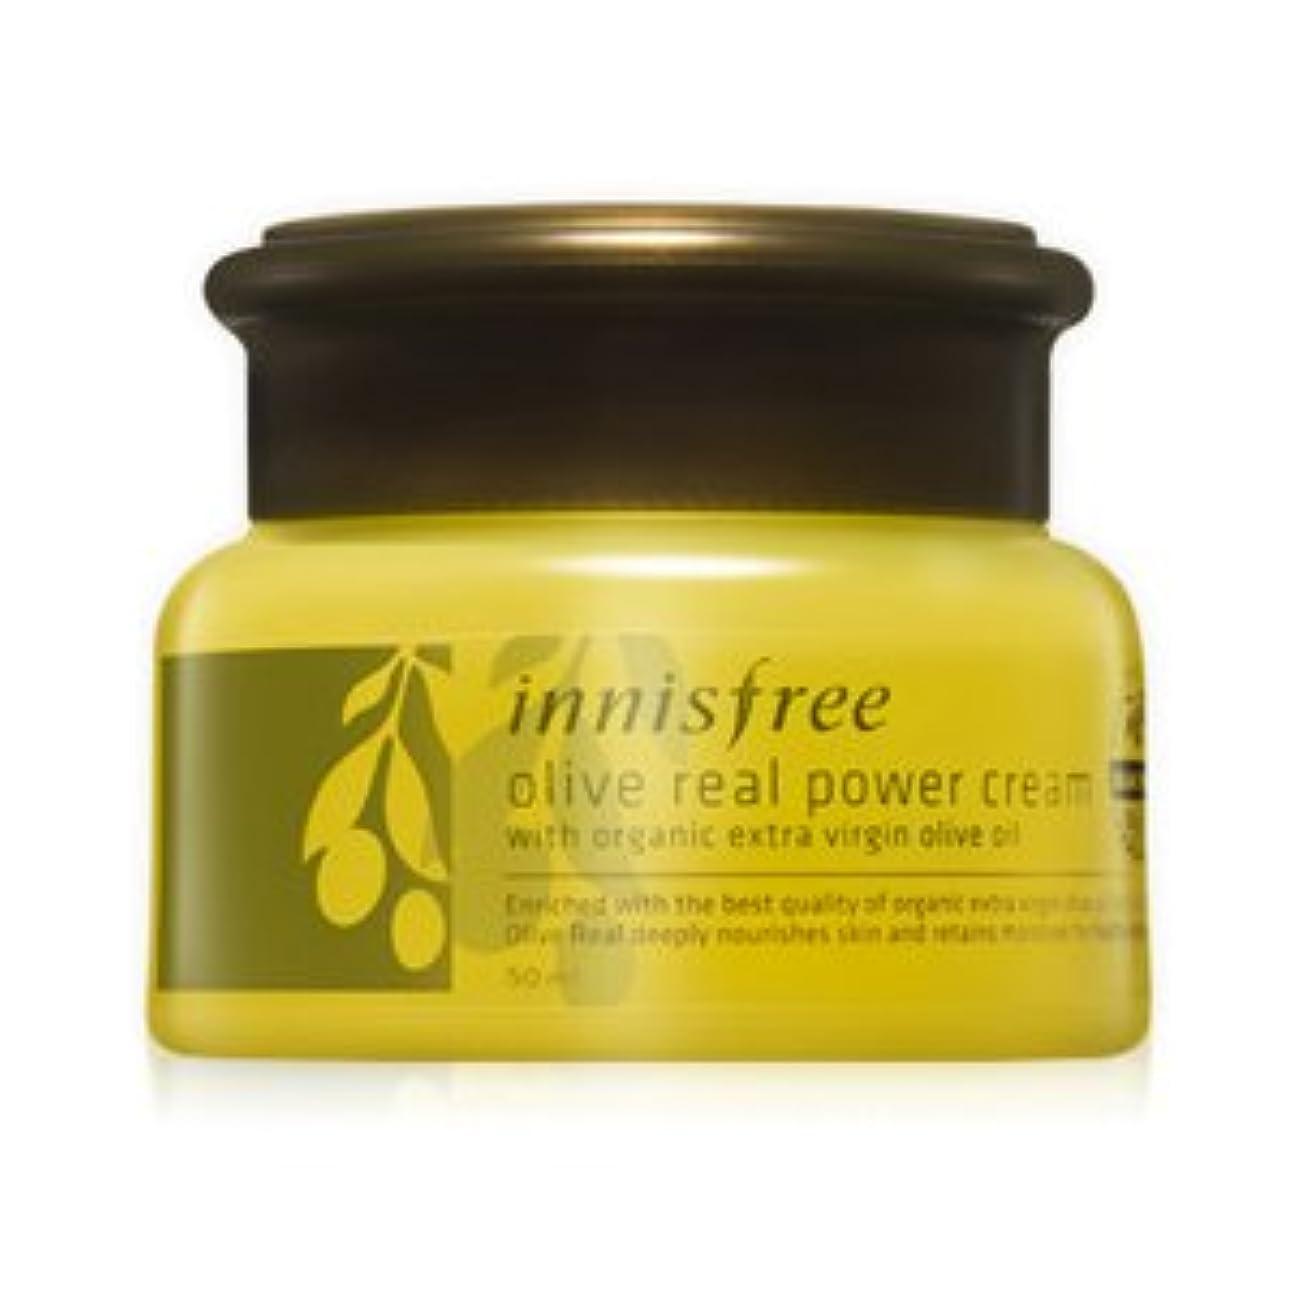 期限素敵なできるinnisfree(イニスフリー) 強力保湿 オリーブ リアル パワー クリーム 艶やかな肌 50ml